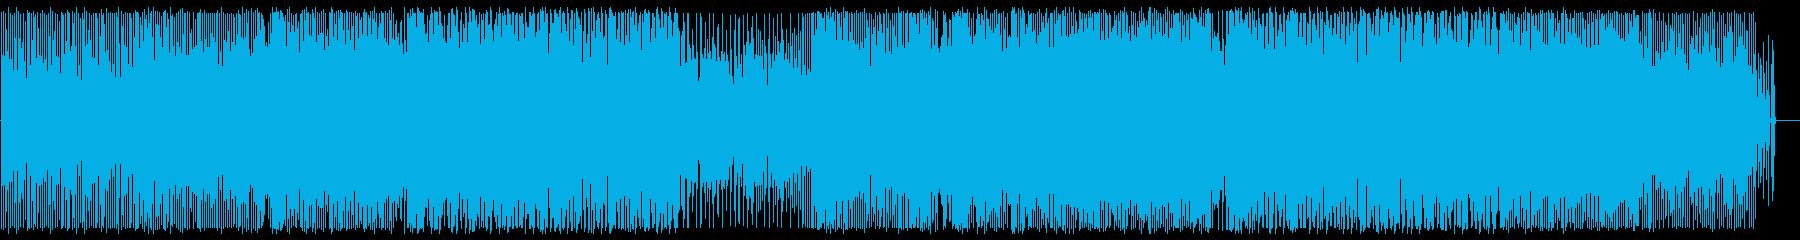 リズミカルでありクールなBGMの再生済みの波形